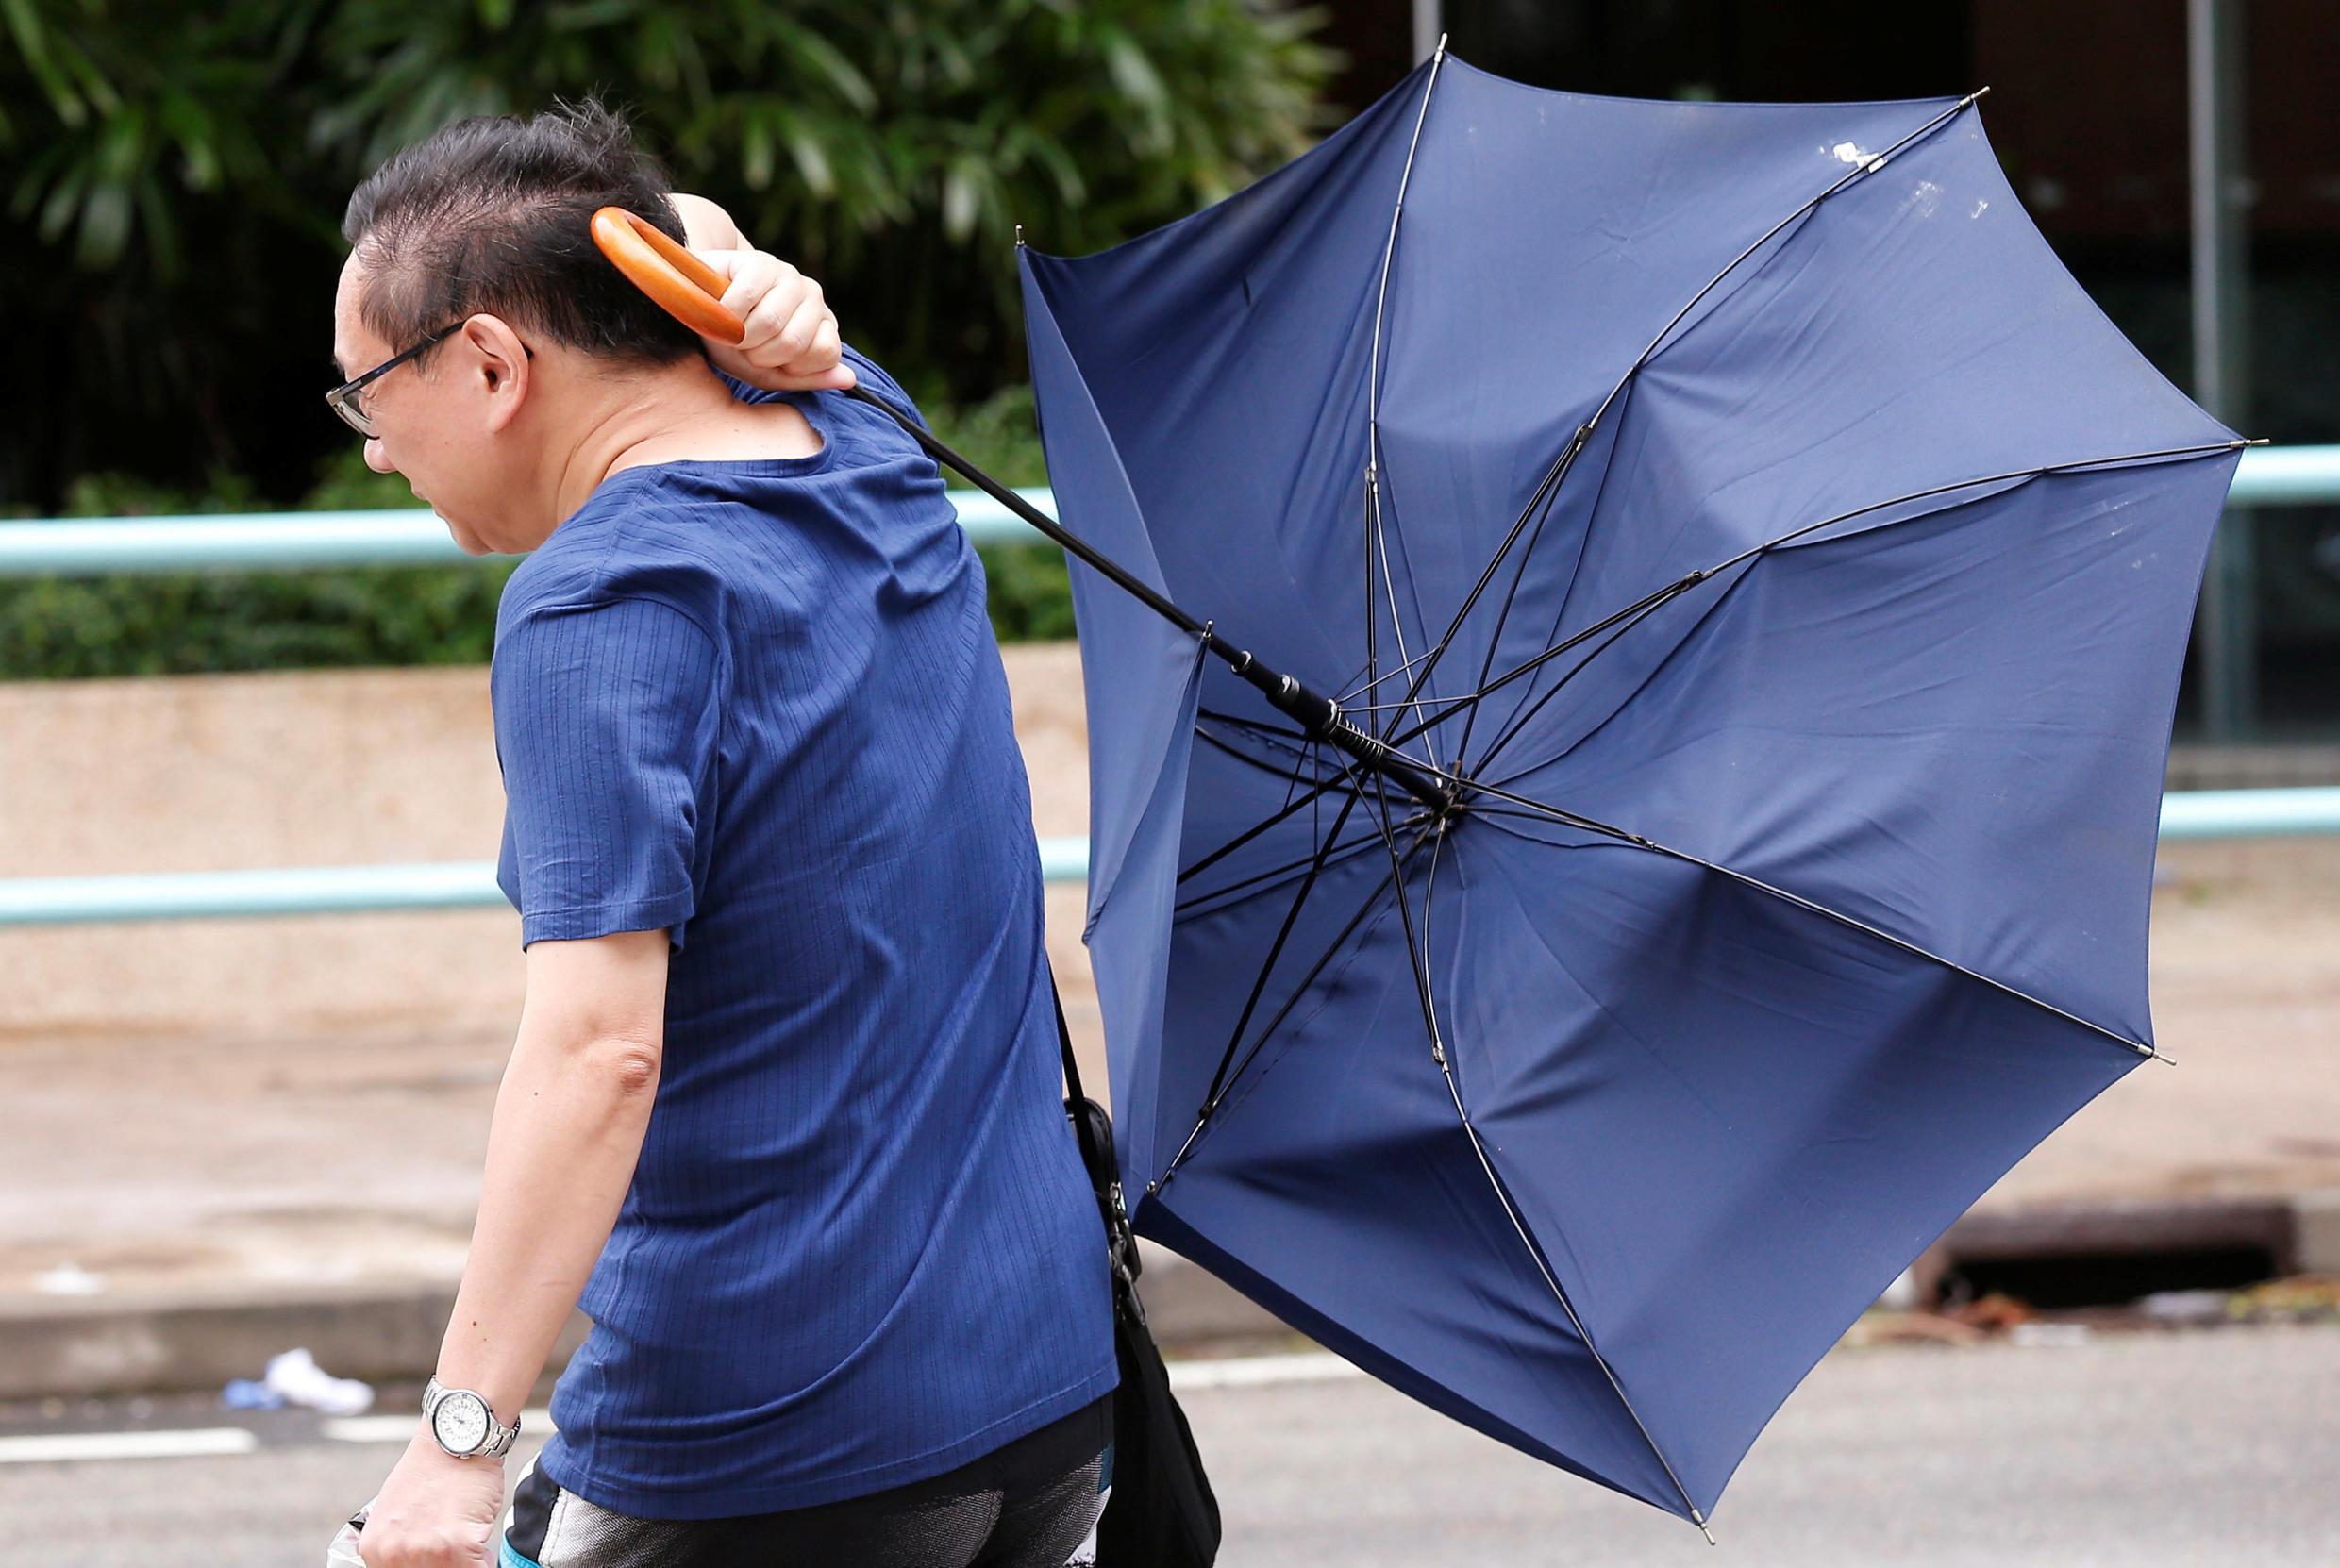 2016年8月2日,强台风妮妲袭击香港。